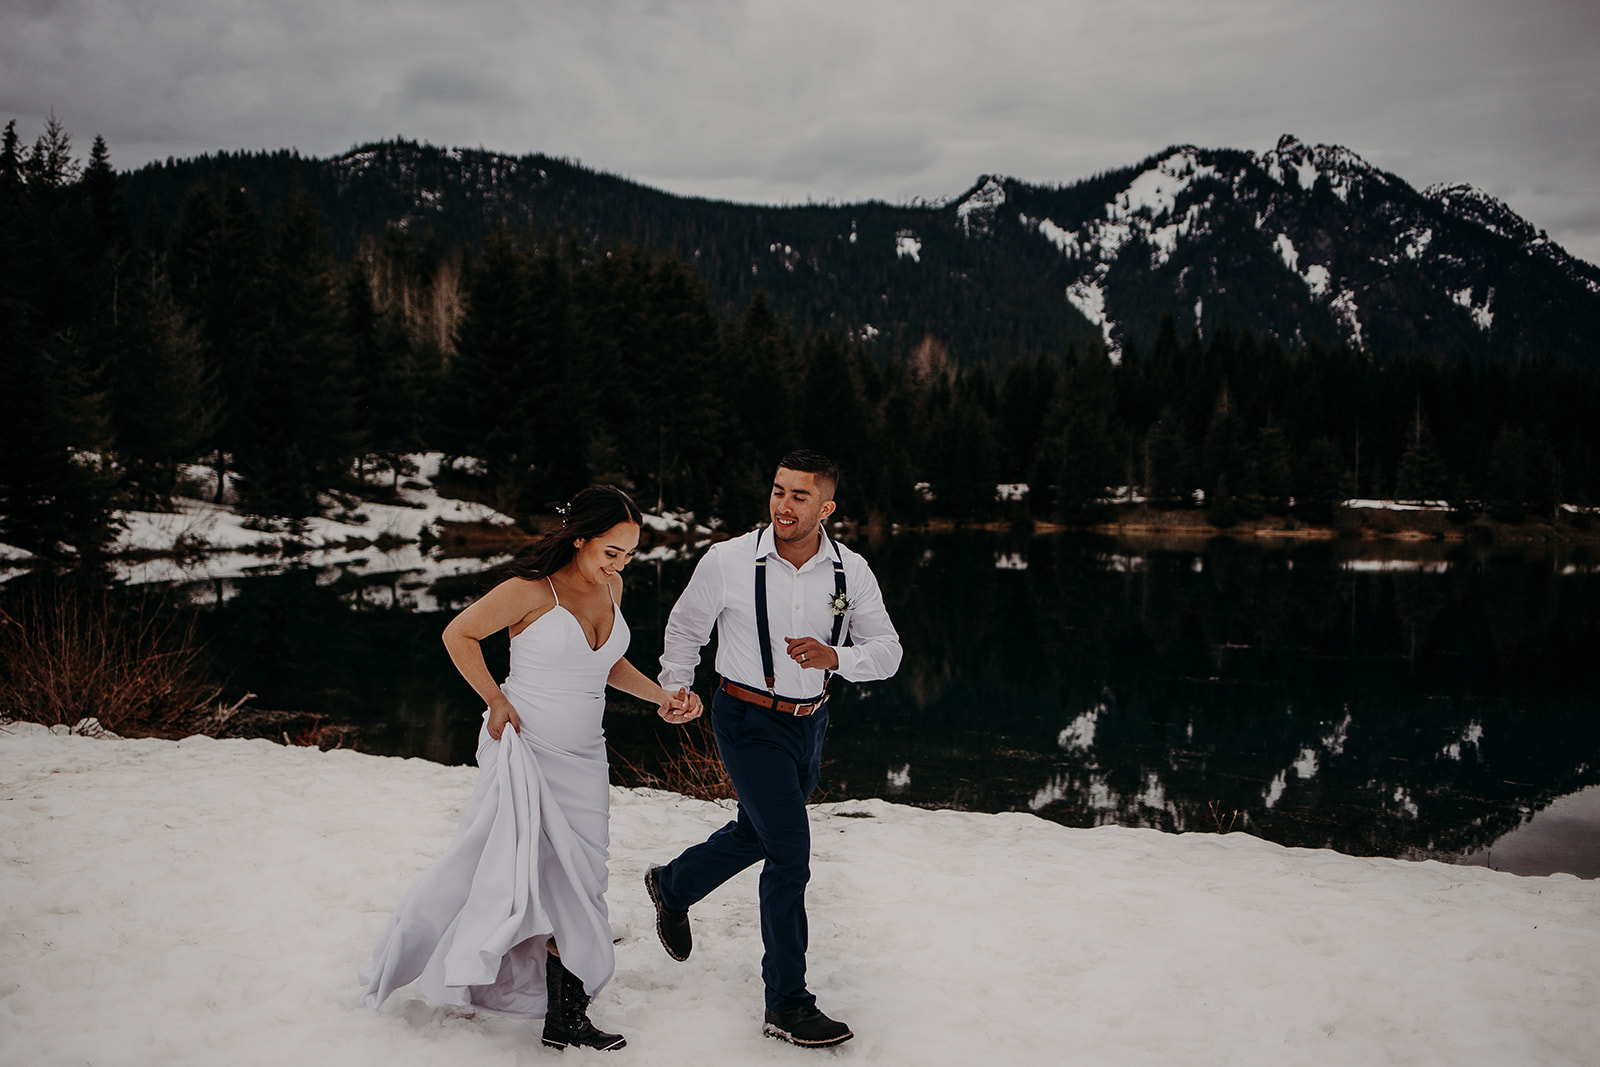 winter-mountain-elopement-asheville-wedding-photographer-megan-gallagher-photographer (38).jpg